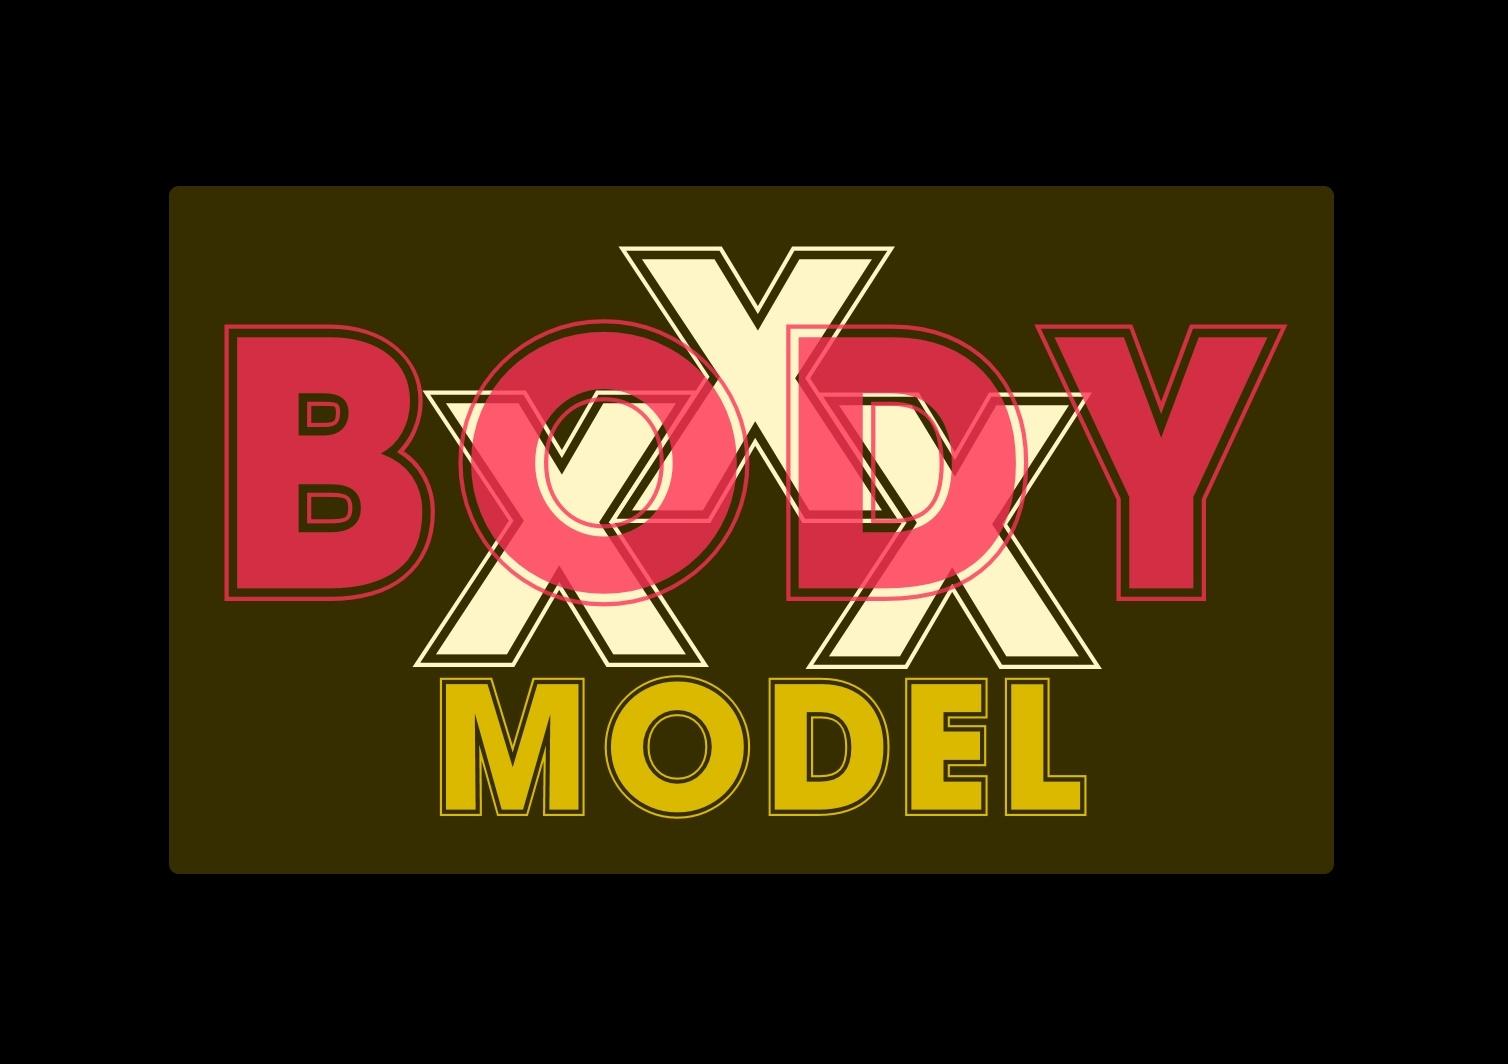 Разработка логотипа (видеоблог для моделей) фото f_4765b2404d040488.jpg